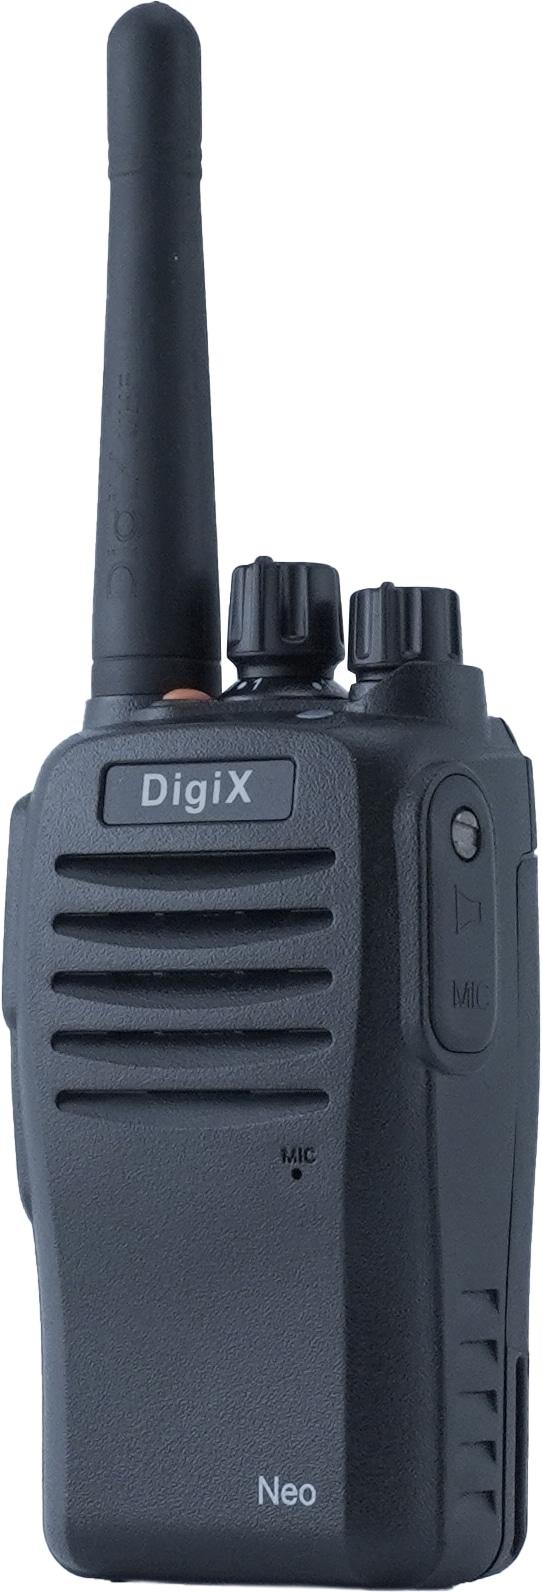 DigiX Neo Back-2